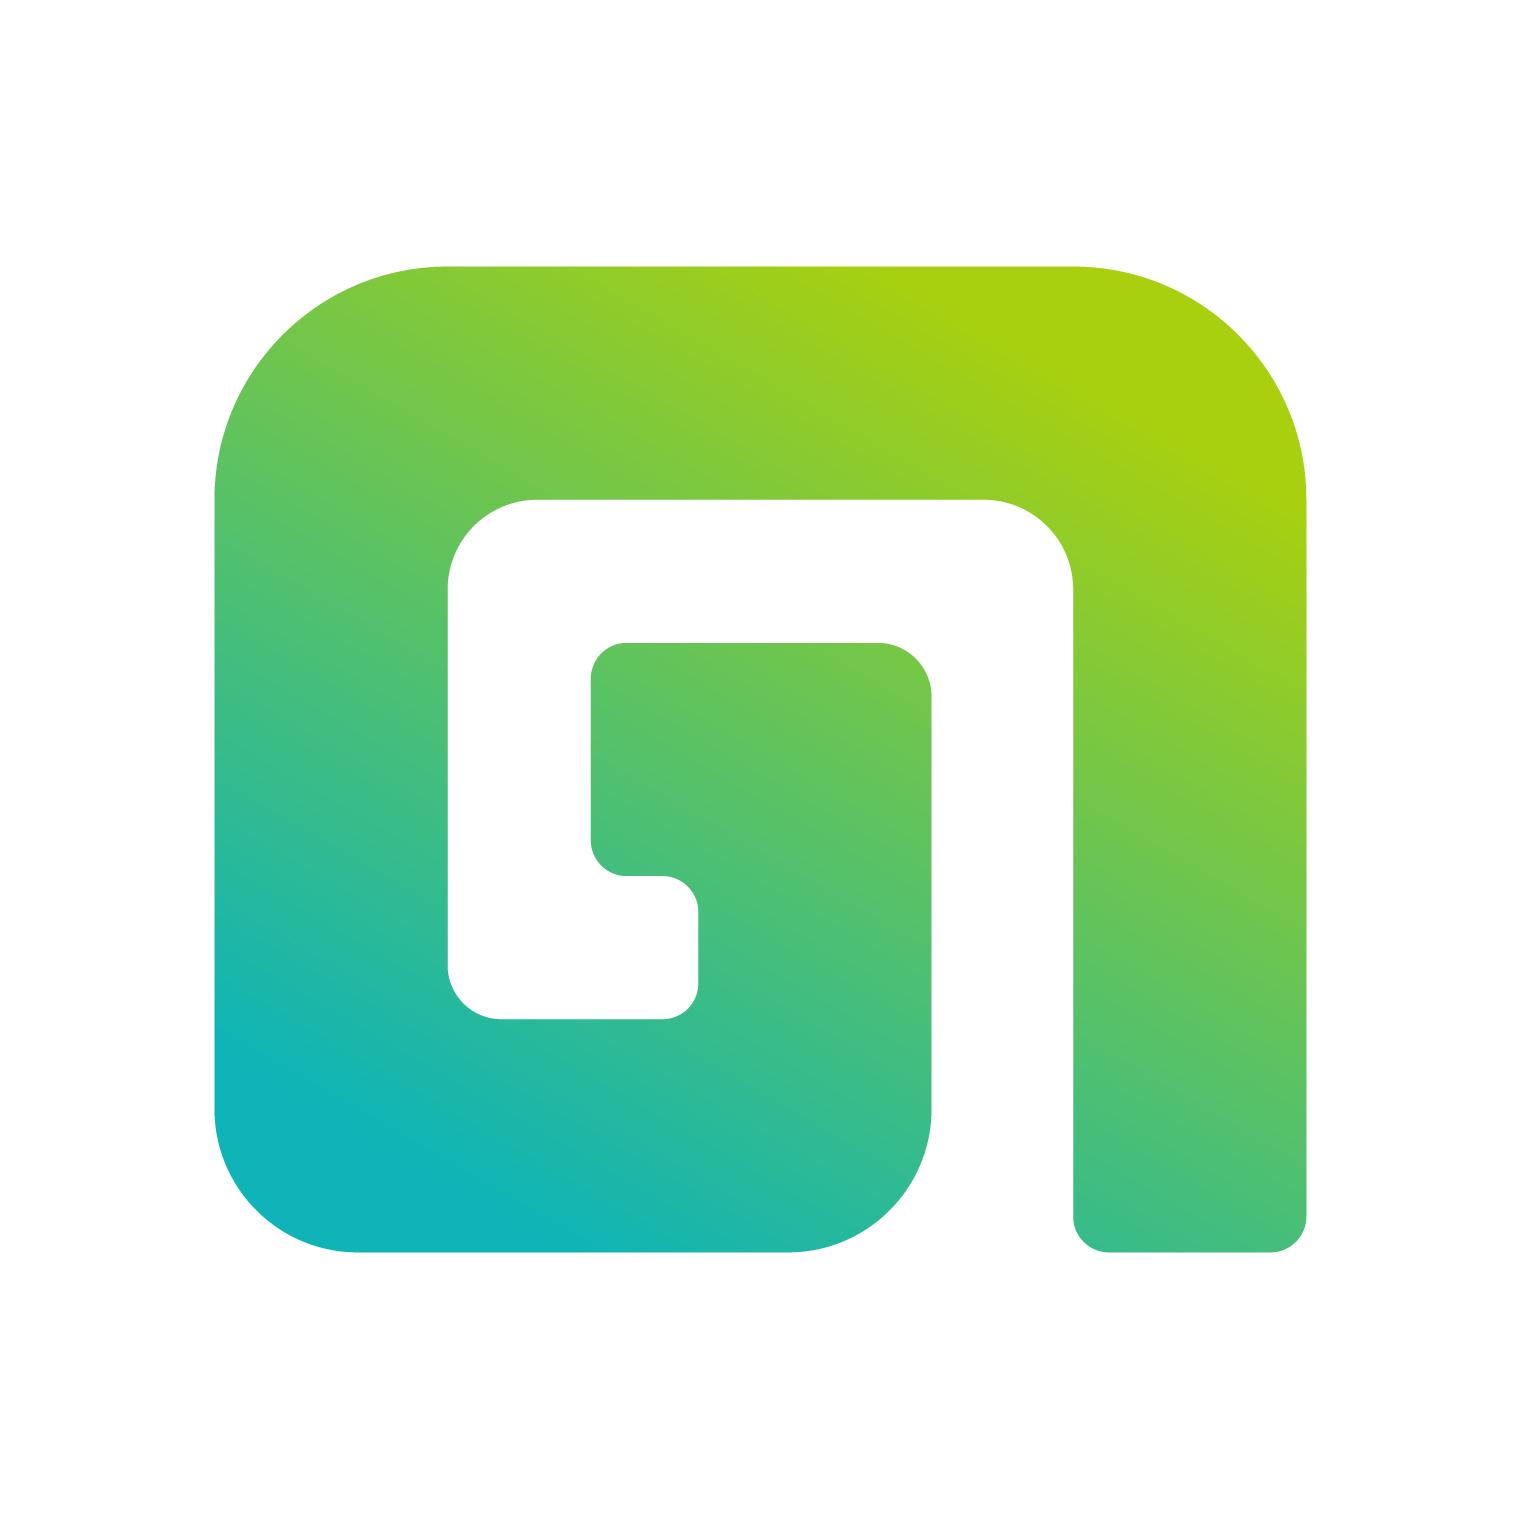 ЛАЙН — Автоматизация бизнеса